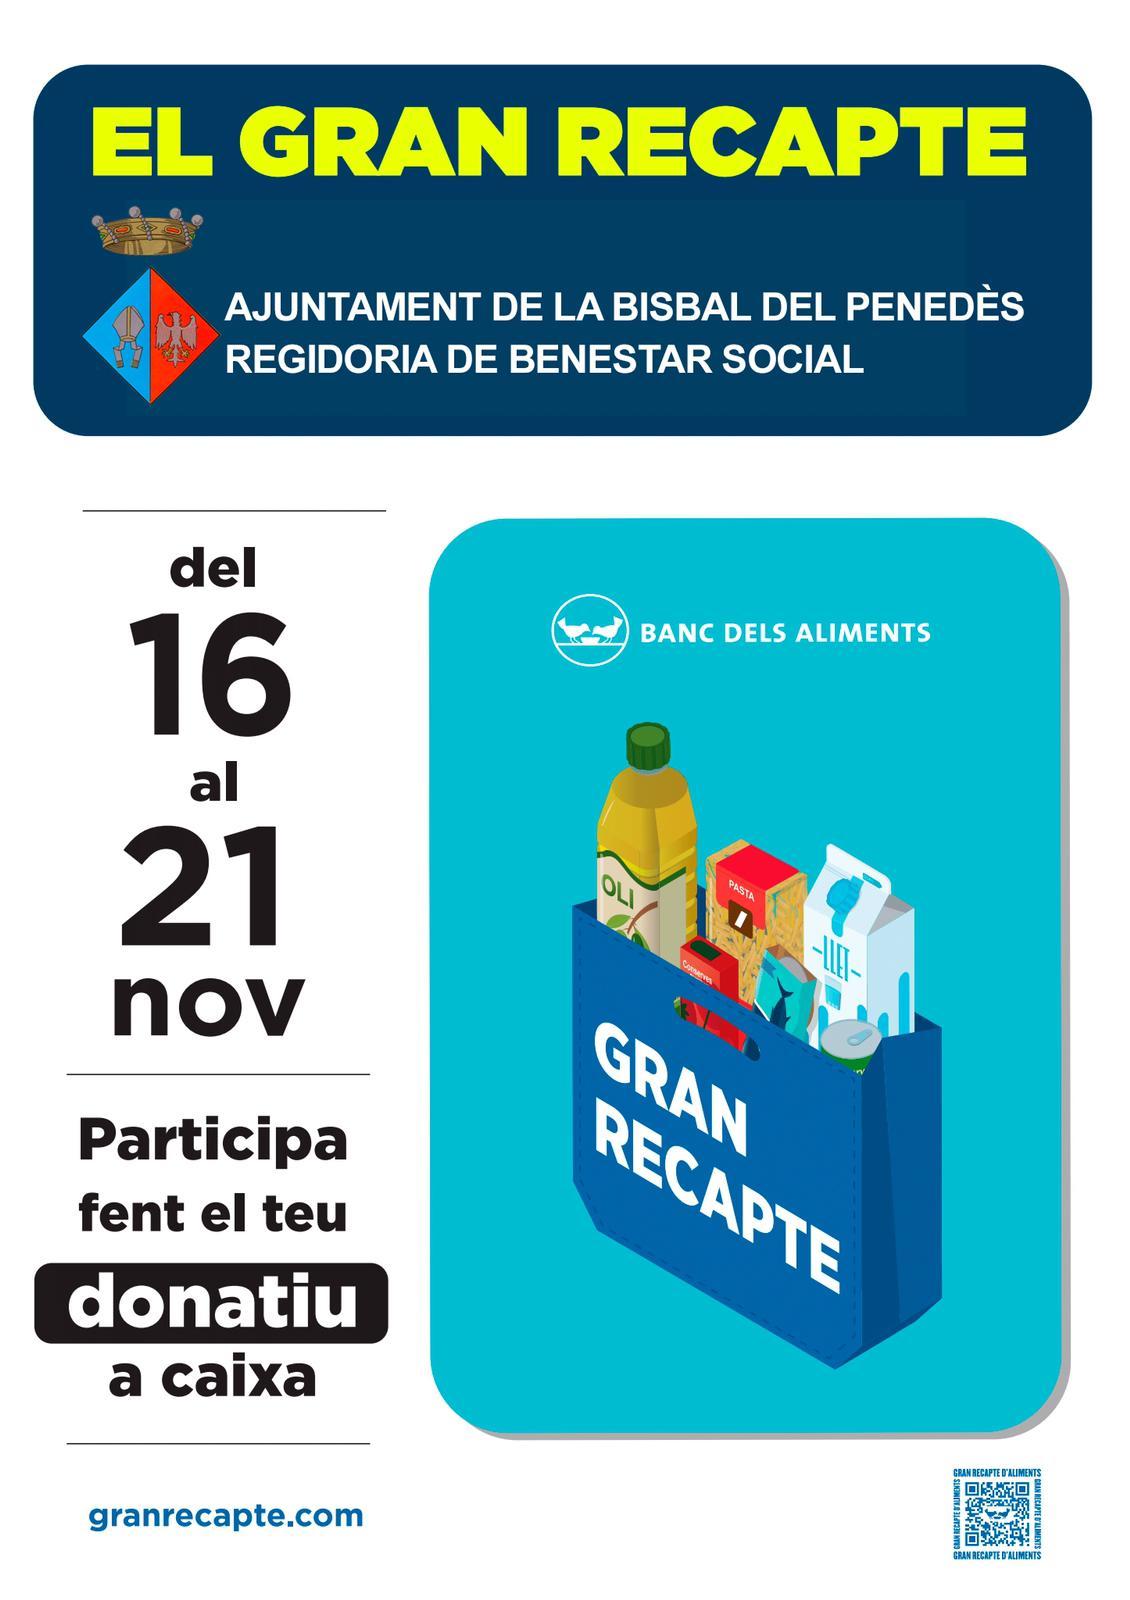 Del 16 al 21 de novembre tindrà lloc el Gran Recapte dels Aliments: enguany serà diferent